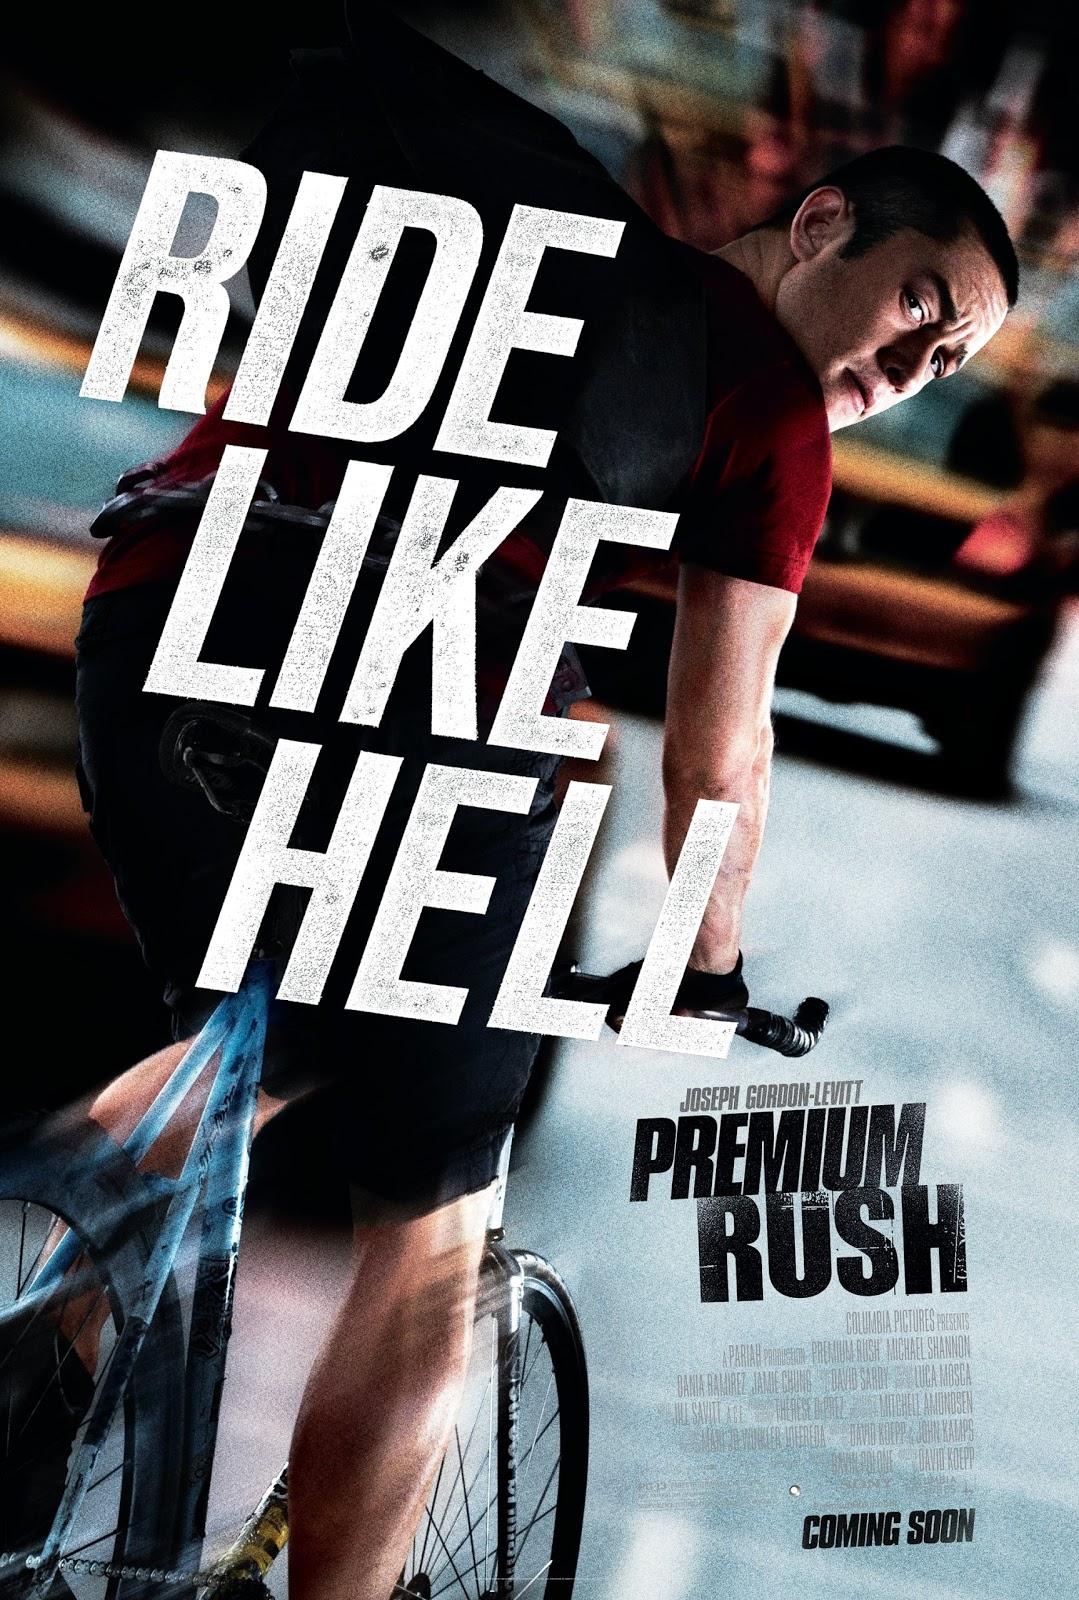 Premium Rush full movie